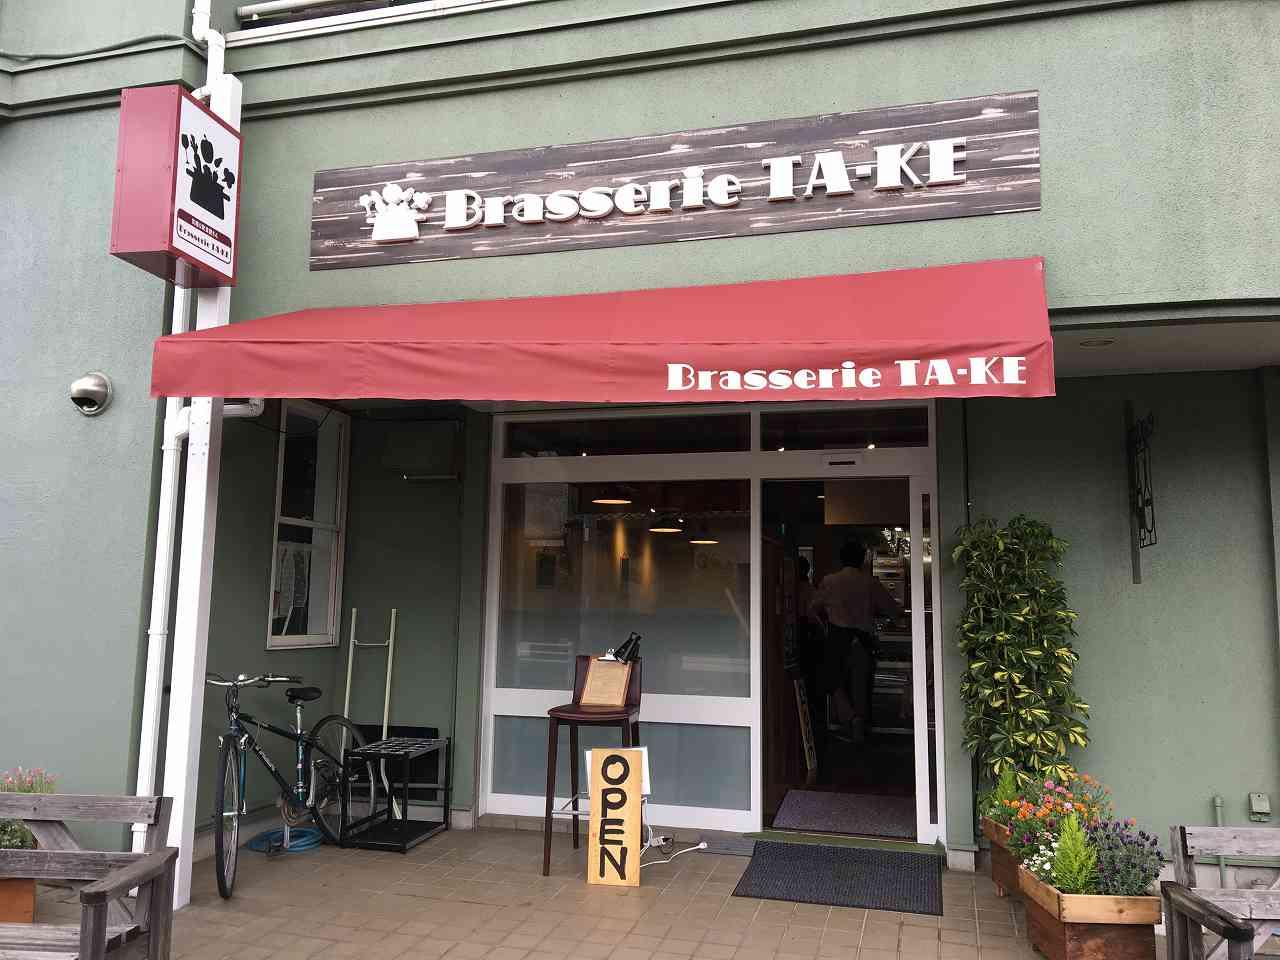 江戸川台にオープン、気軽な欧食屋さん「ブラッスリー タケ」でランチ